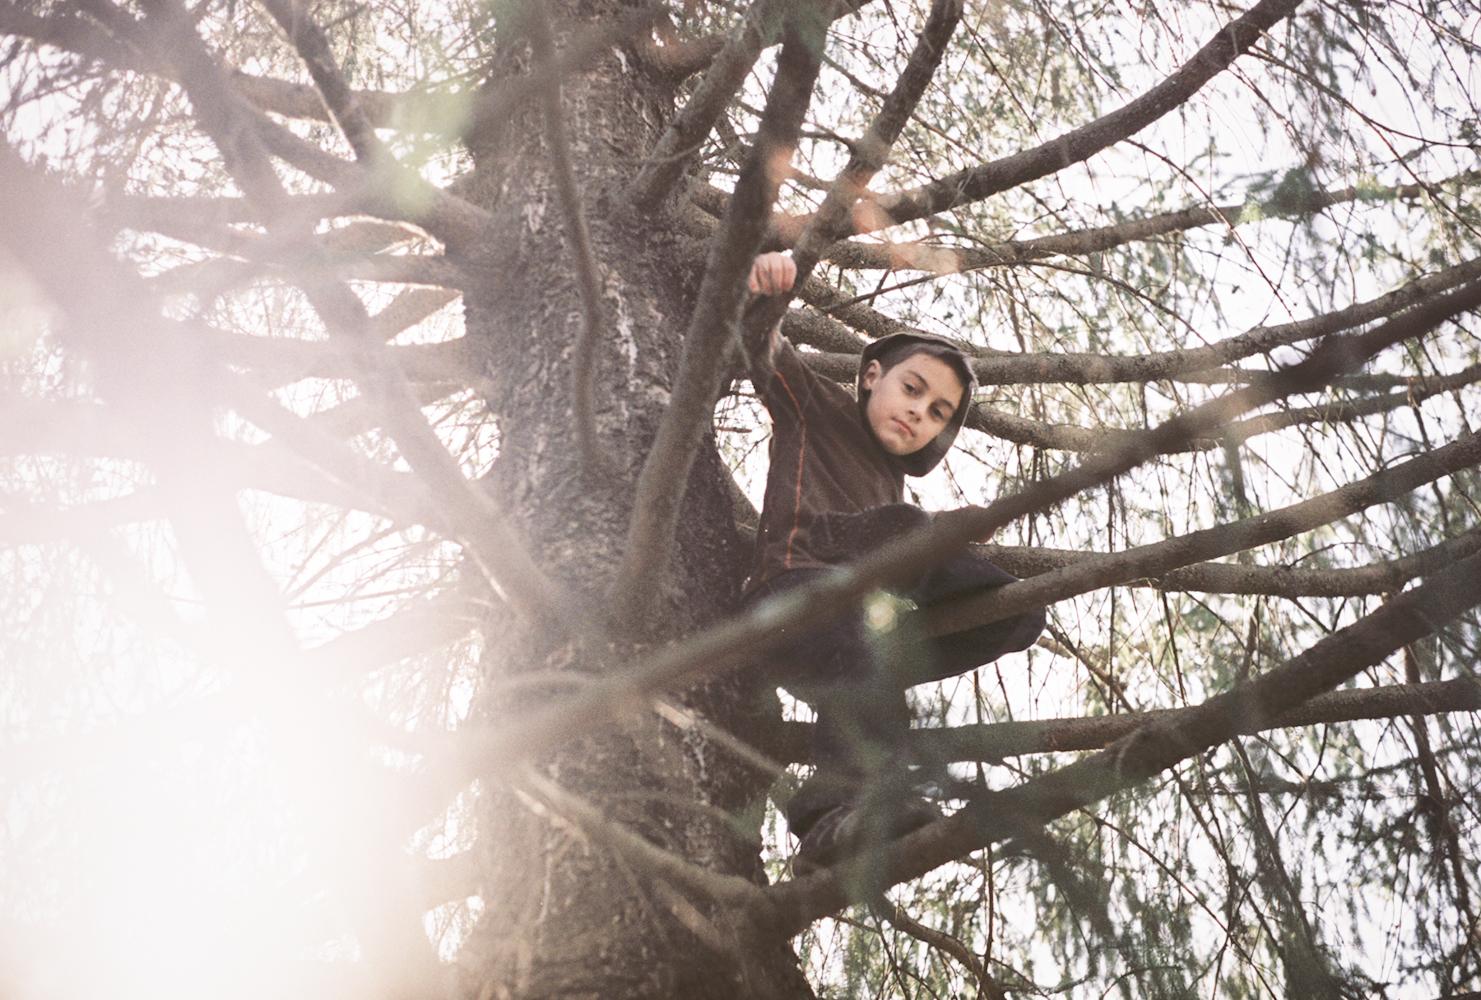 14_shaefer_in_a_tree.jpg